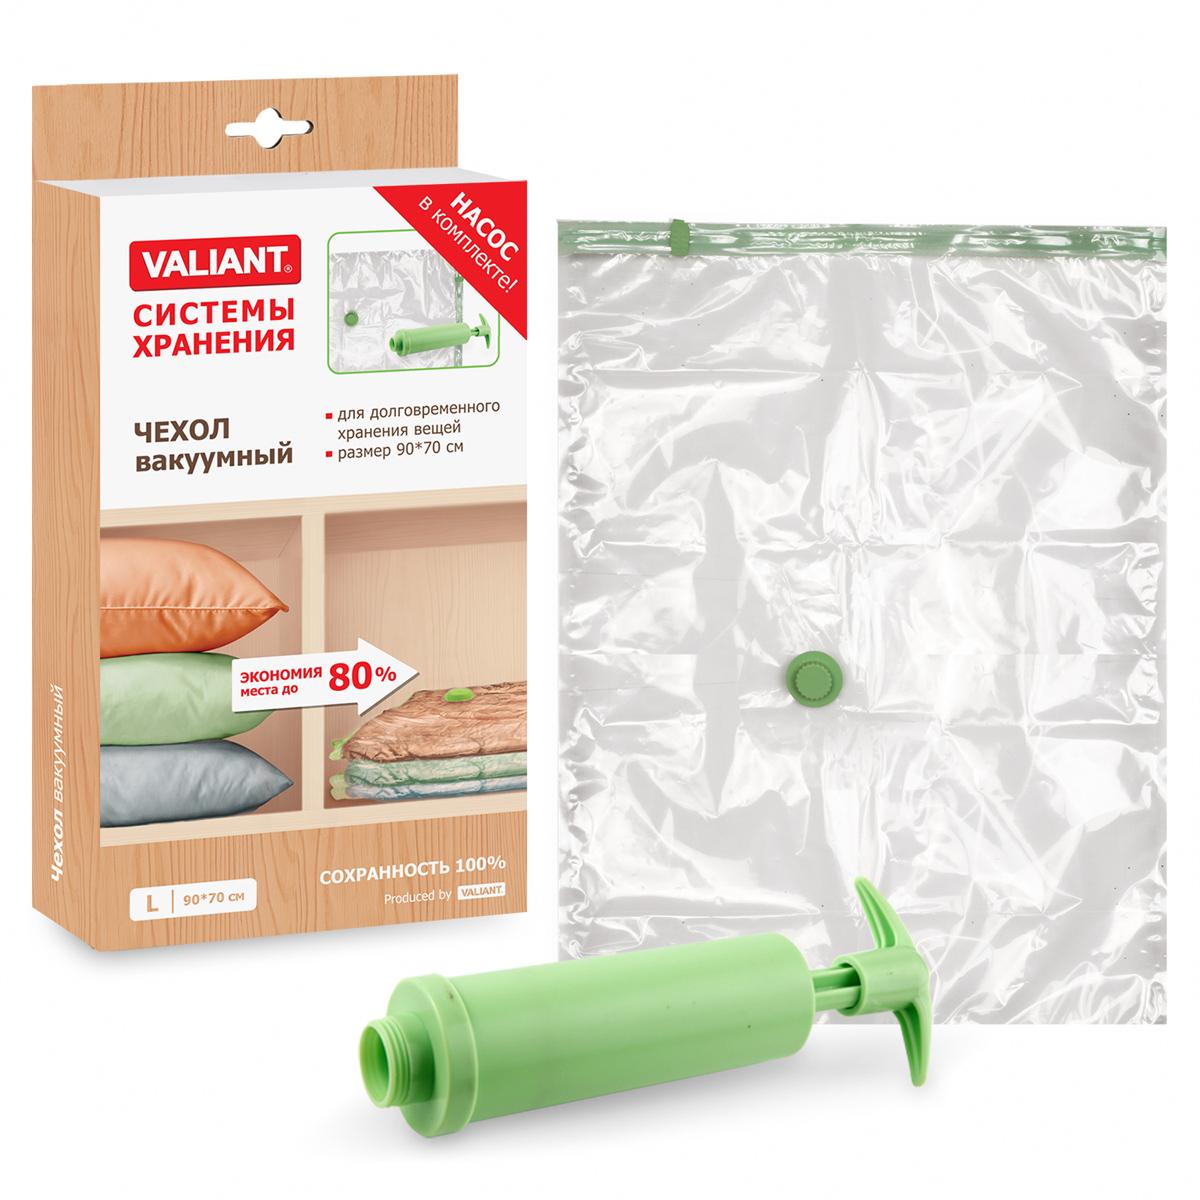 Чехол вакуумный Valiant, с насосом, 90 х 70 смБрелок для ключейВакуумный чехол Valiant предназначен для долговременного хранения вещей. Он отлично защитит вашу одежду от пыли и других загрязнений, а также поможет надолго сохранить ее безупречный вид. Чехол изготовлен из высококачественных полимерных материалов. В комплект входит пластиковый насос.Достоинства чехла Valiant:- вещи сжимаются в объеме на 80%, полностью сохраняя свое качество;- вещи можно хранить в течение целого сезона (осенью и зимой - летний гардероб, летом - зимние свитера, шарфы, теплые одеяла);- надежная защита вещей от любых повреждений - влаги, пыли, пятен, плесени, моли и других насекомых, а также от обесцвечивания, запахов и бактерий;- откачать воздух можно как ручным насосом, так и любым стандартным пылесосом (отверстие клапана 27 мм).